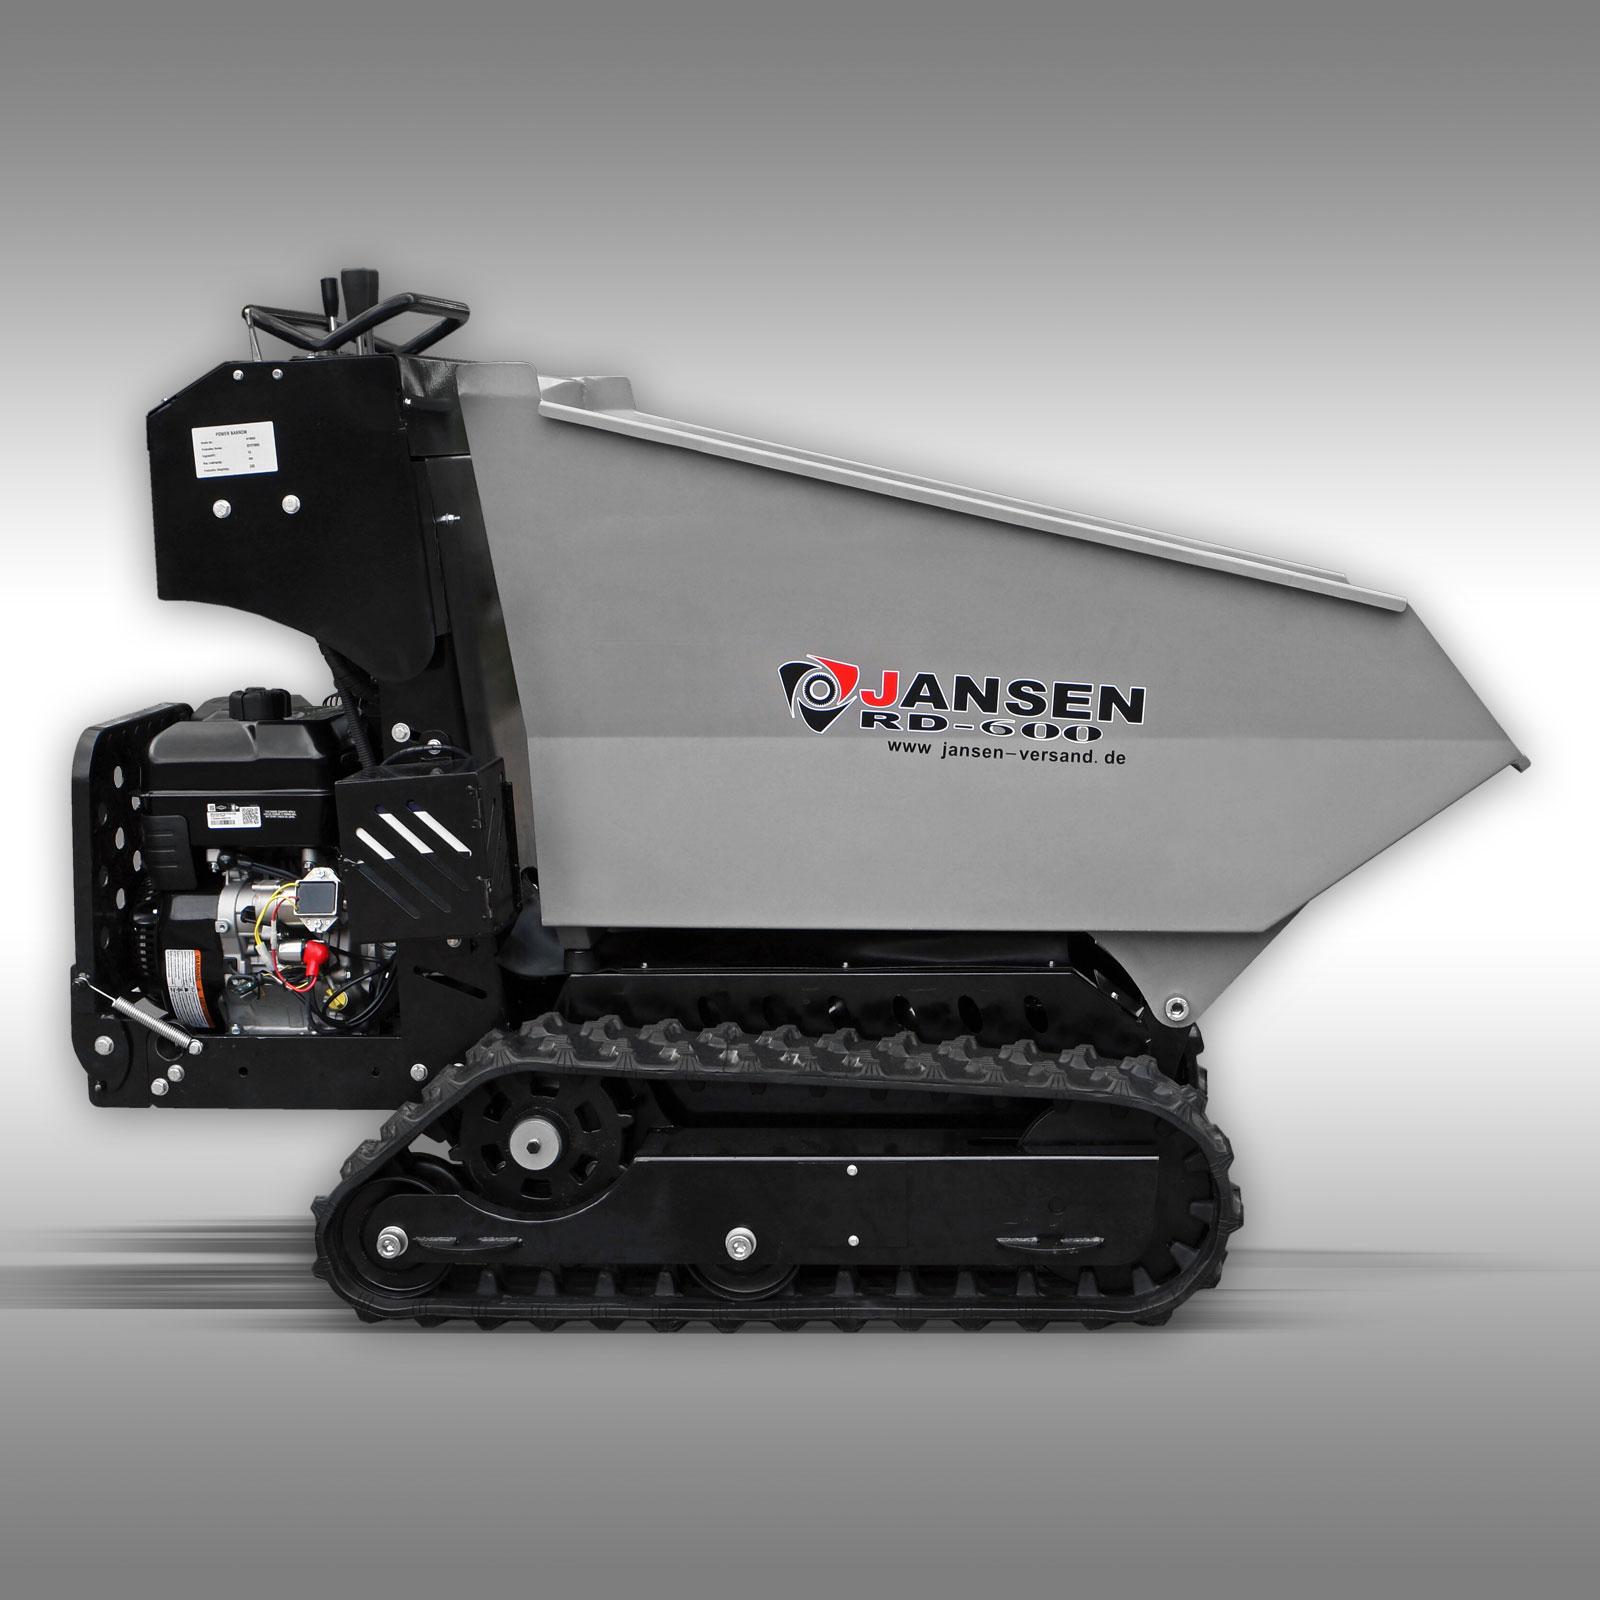 Rupsdumper Jansen RD-600, benzinemotor, hydrostatisch